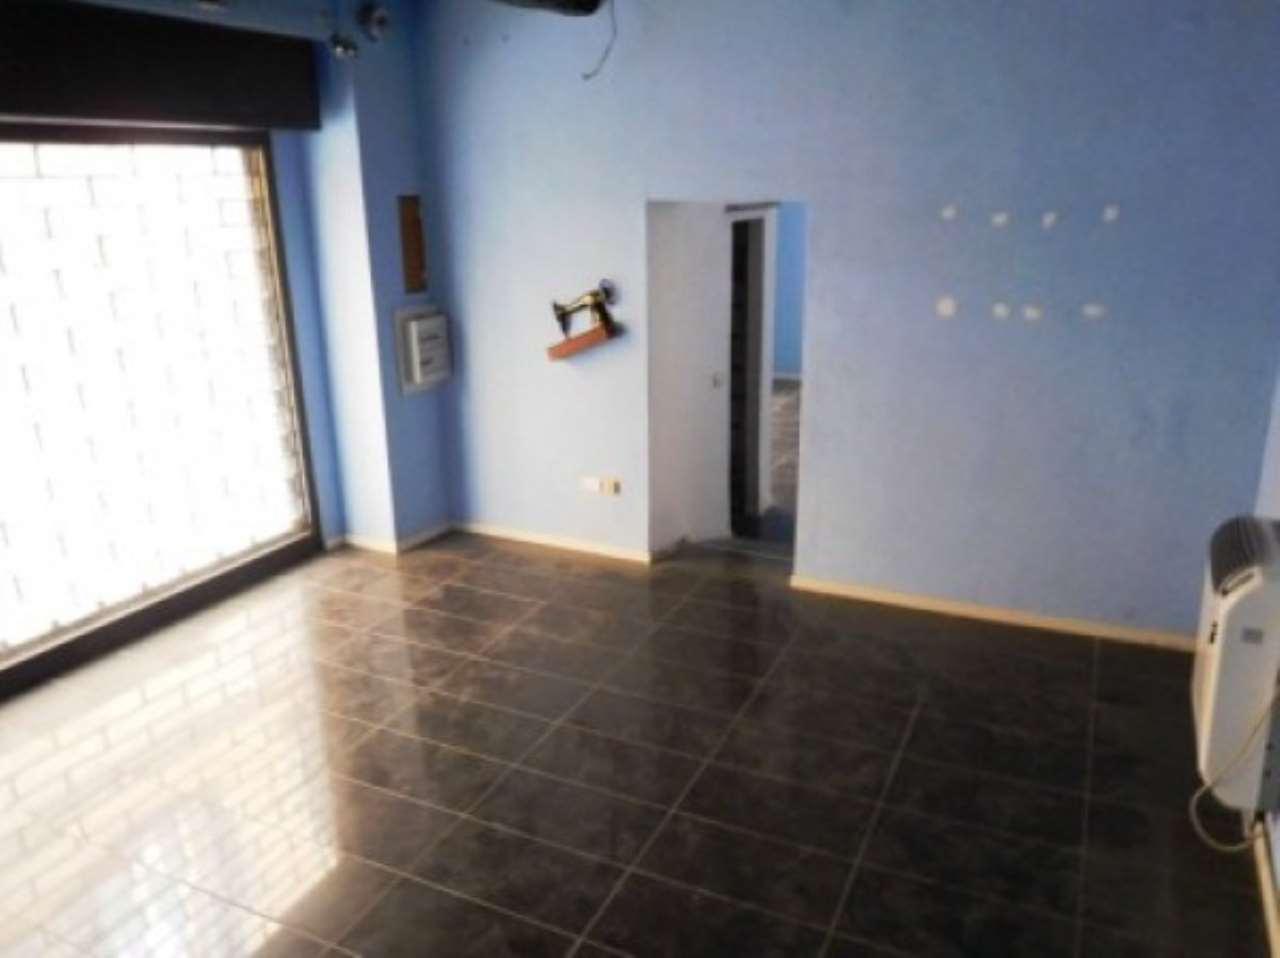 Negozio / Locale in affitto a Pavia, 2 locali, prezzo € 800 | CambioCasa.it